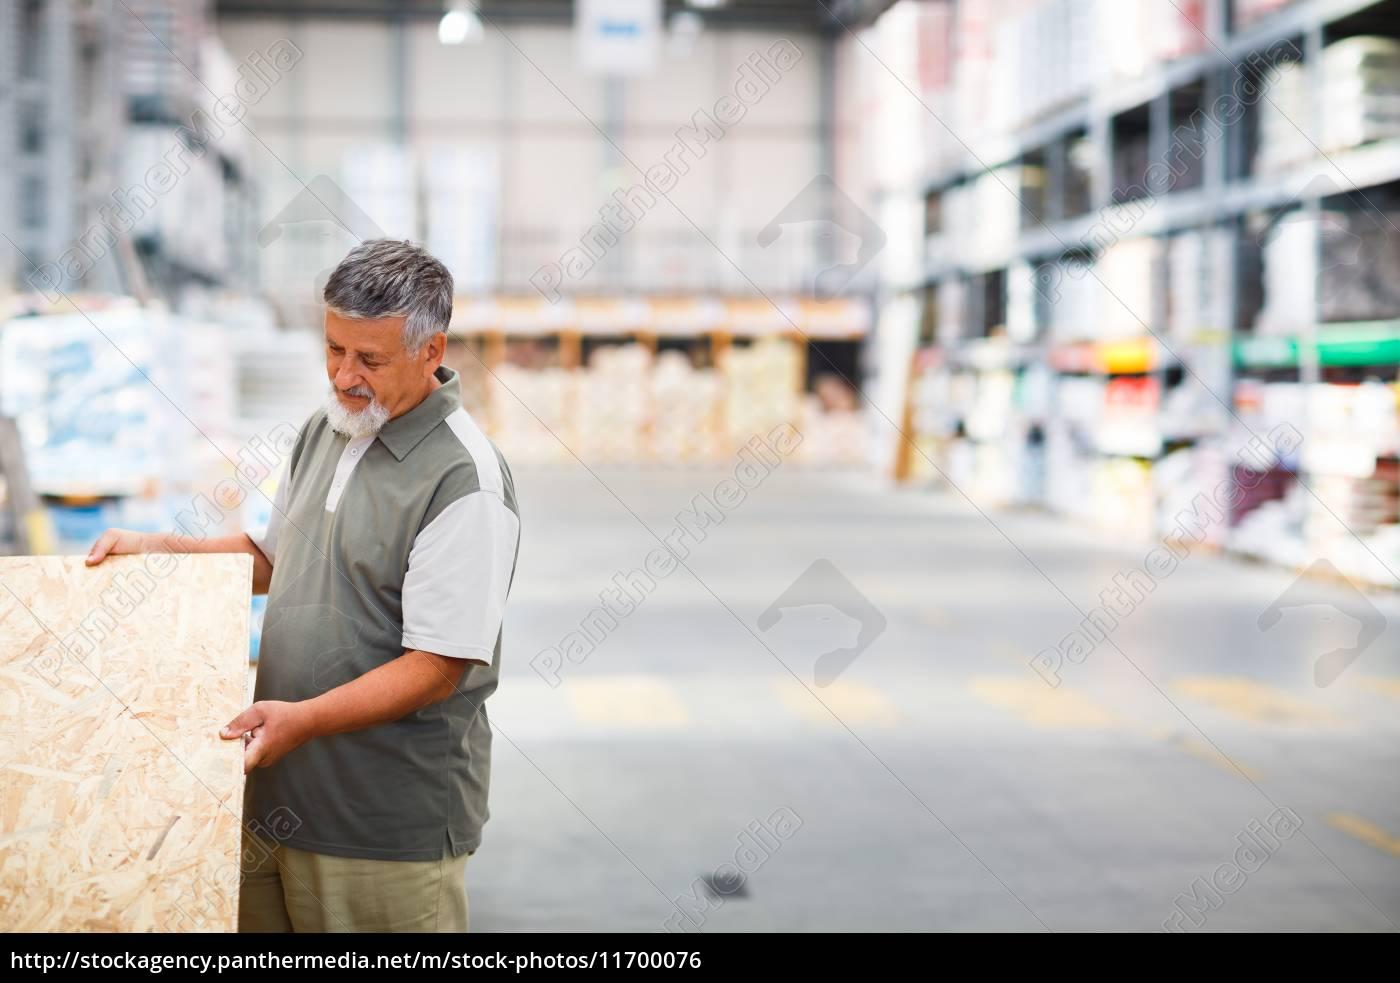 l'uomo, l'acquisto, di, costruzione, in, legno - 11700076